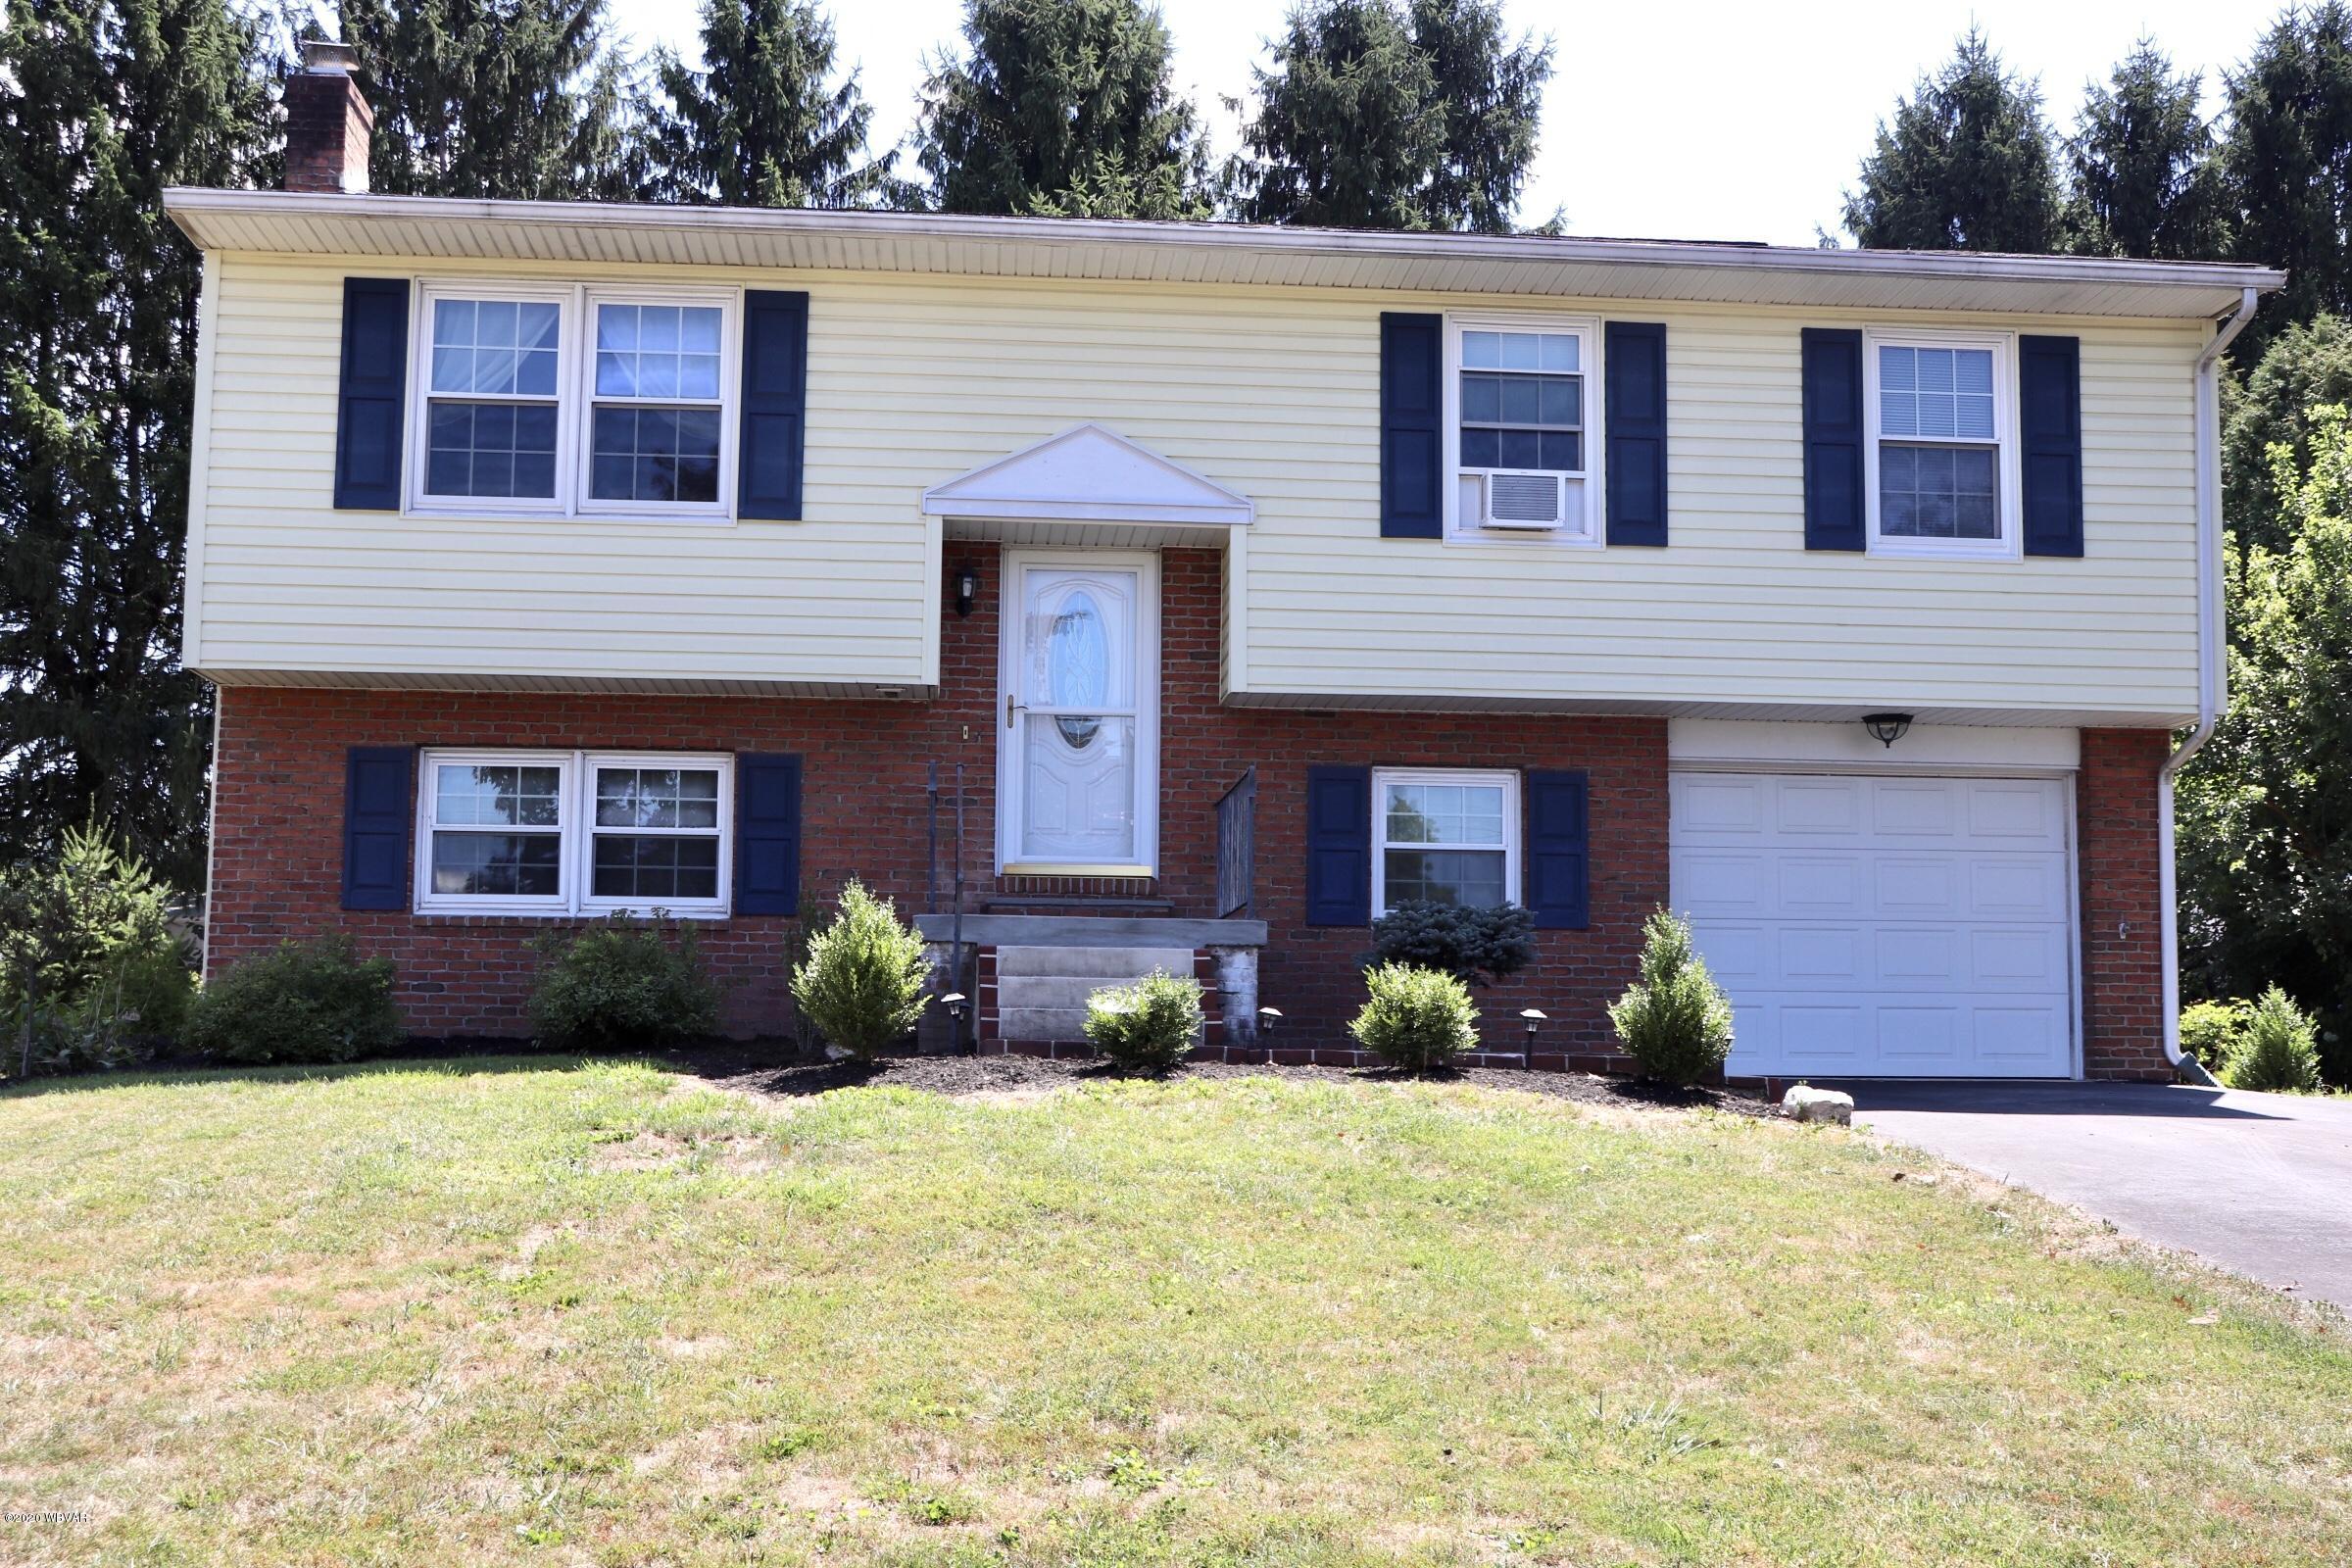 202 CHARLES ROAD, Muncy, PA 17756, 4 Bedrooms Bedrooms, ,2 BathroomsBathrooms,Residential,For sale,CHARLES,WB-90935